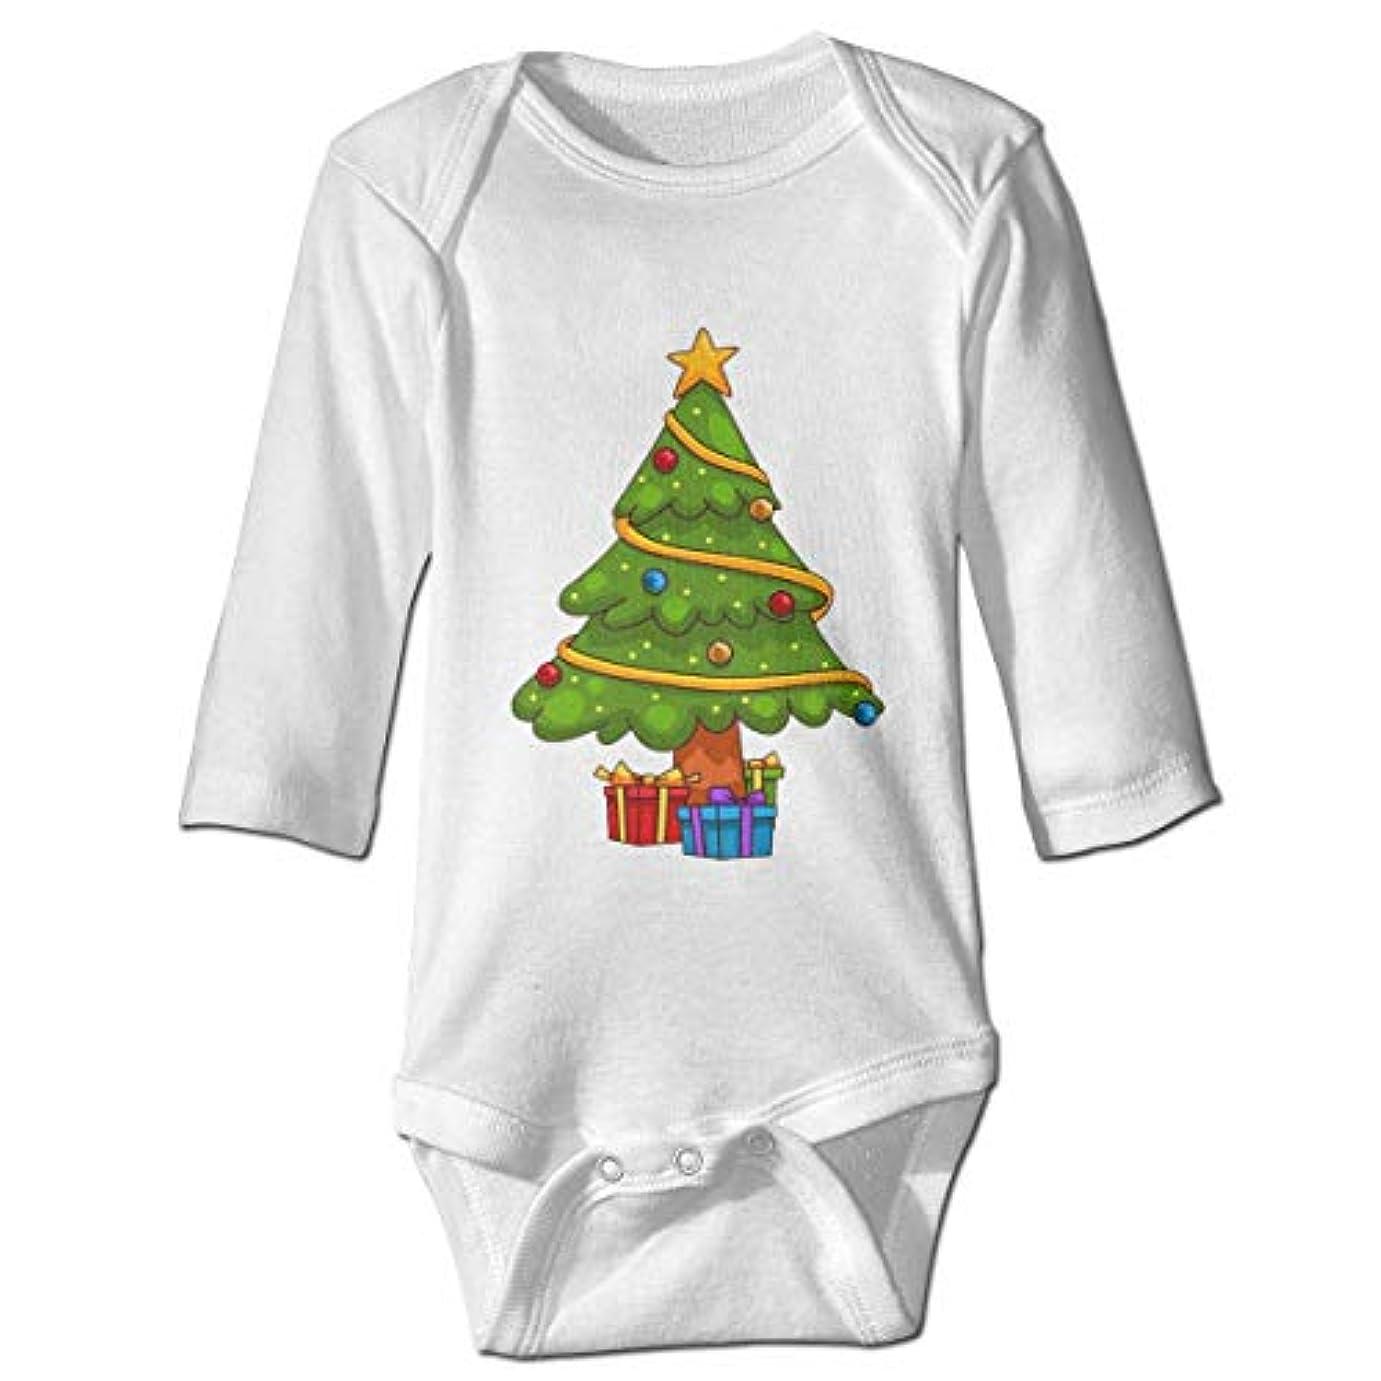 隣接するかすれた商品NMDJC CCQクリスマスツリーギフトベビーボディスーツユーモアワンシー快適な衣装コスチューム、2T